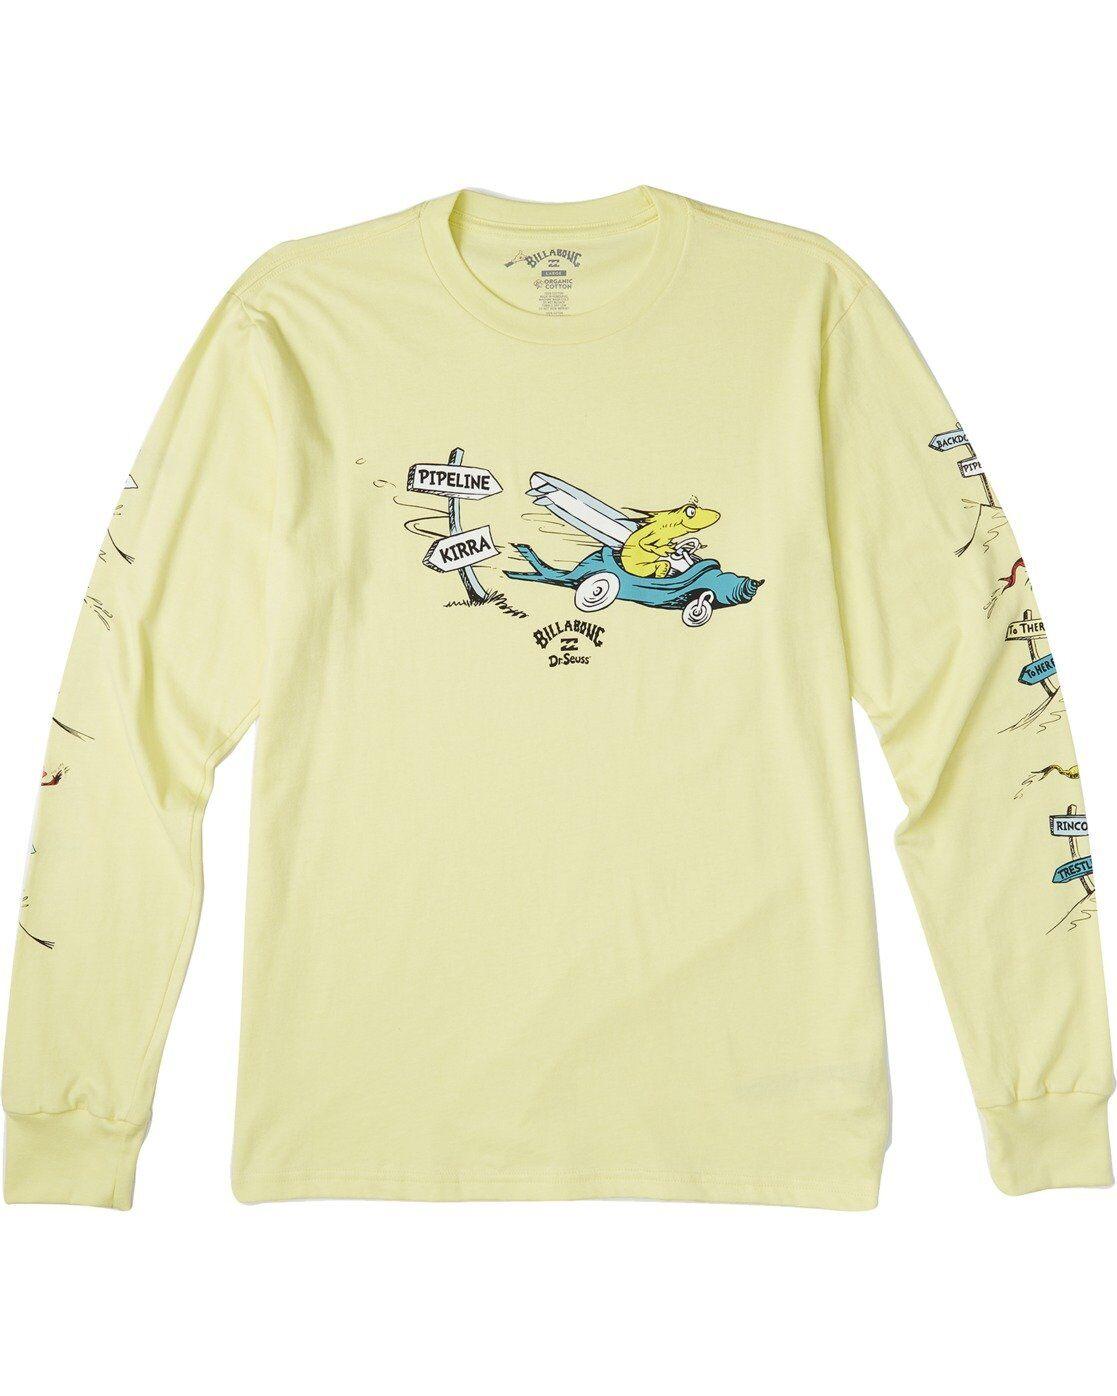 Billabong Boys' (2-7) Little Car Long Sleeve T-Shirt  - Yellow - Size: Small